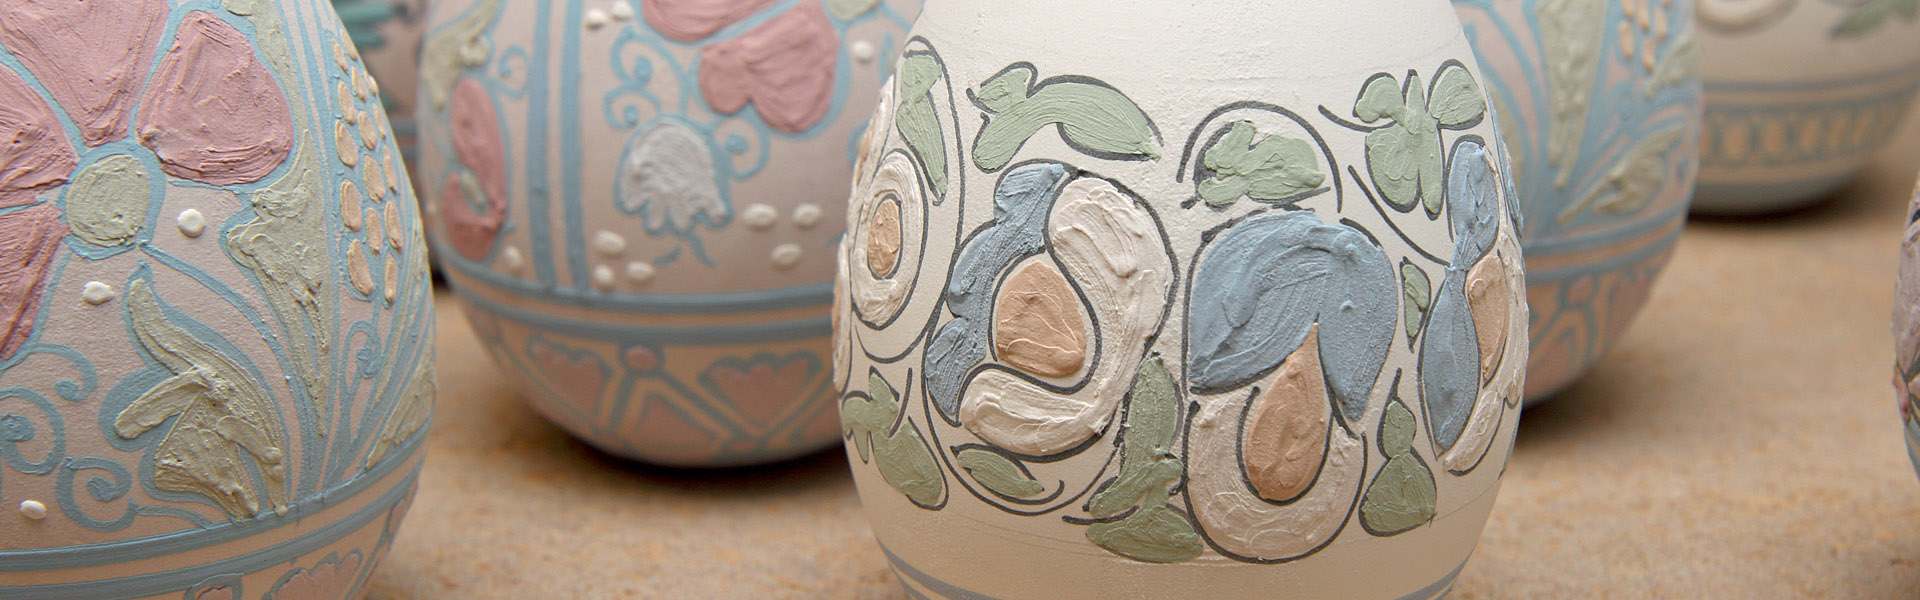 crudo1 ceramica bariloche